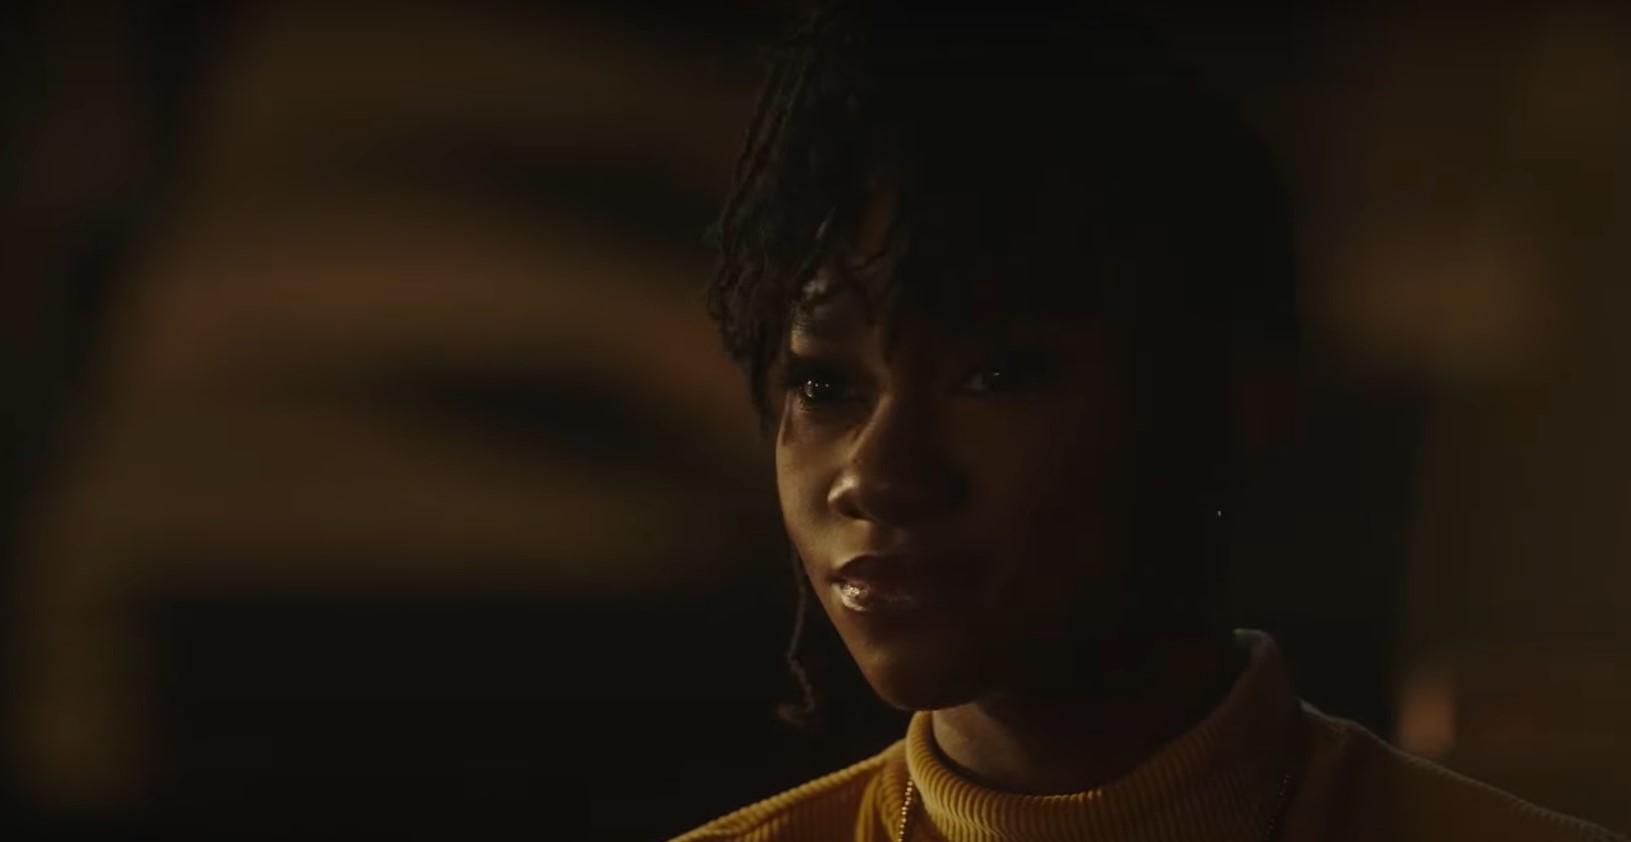 Omono Okojie as Cleo in 'Legacies'